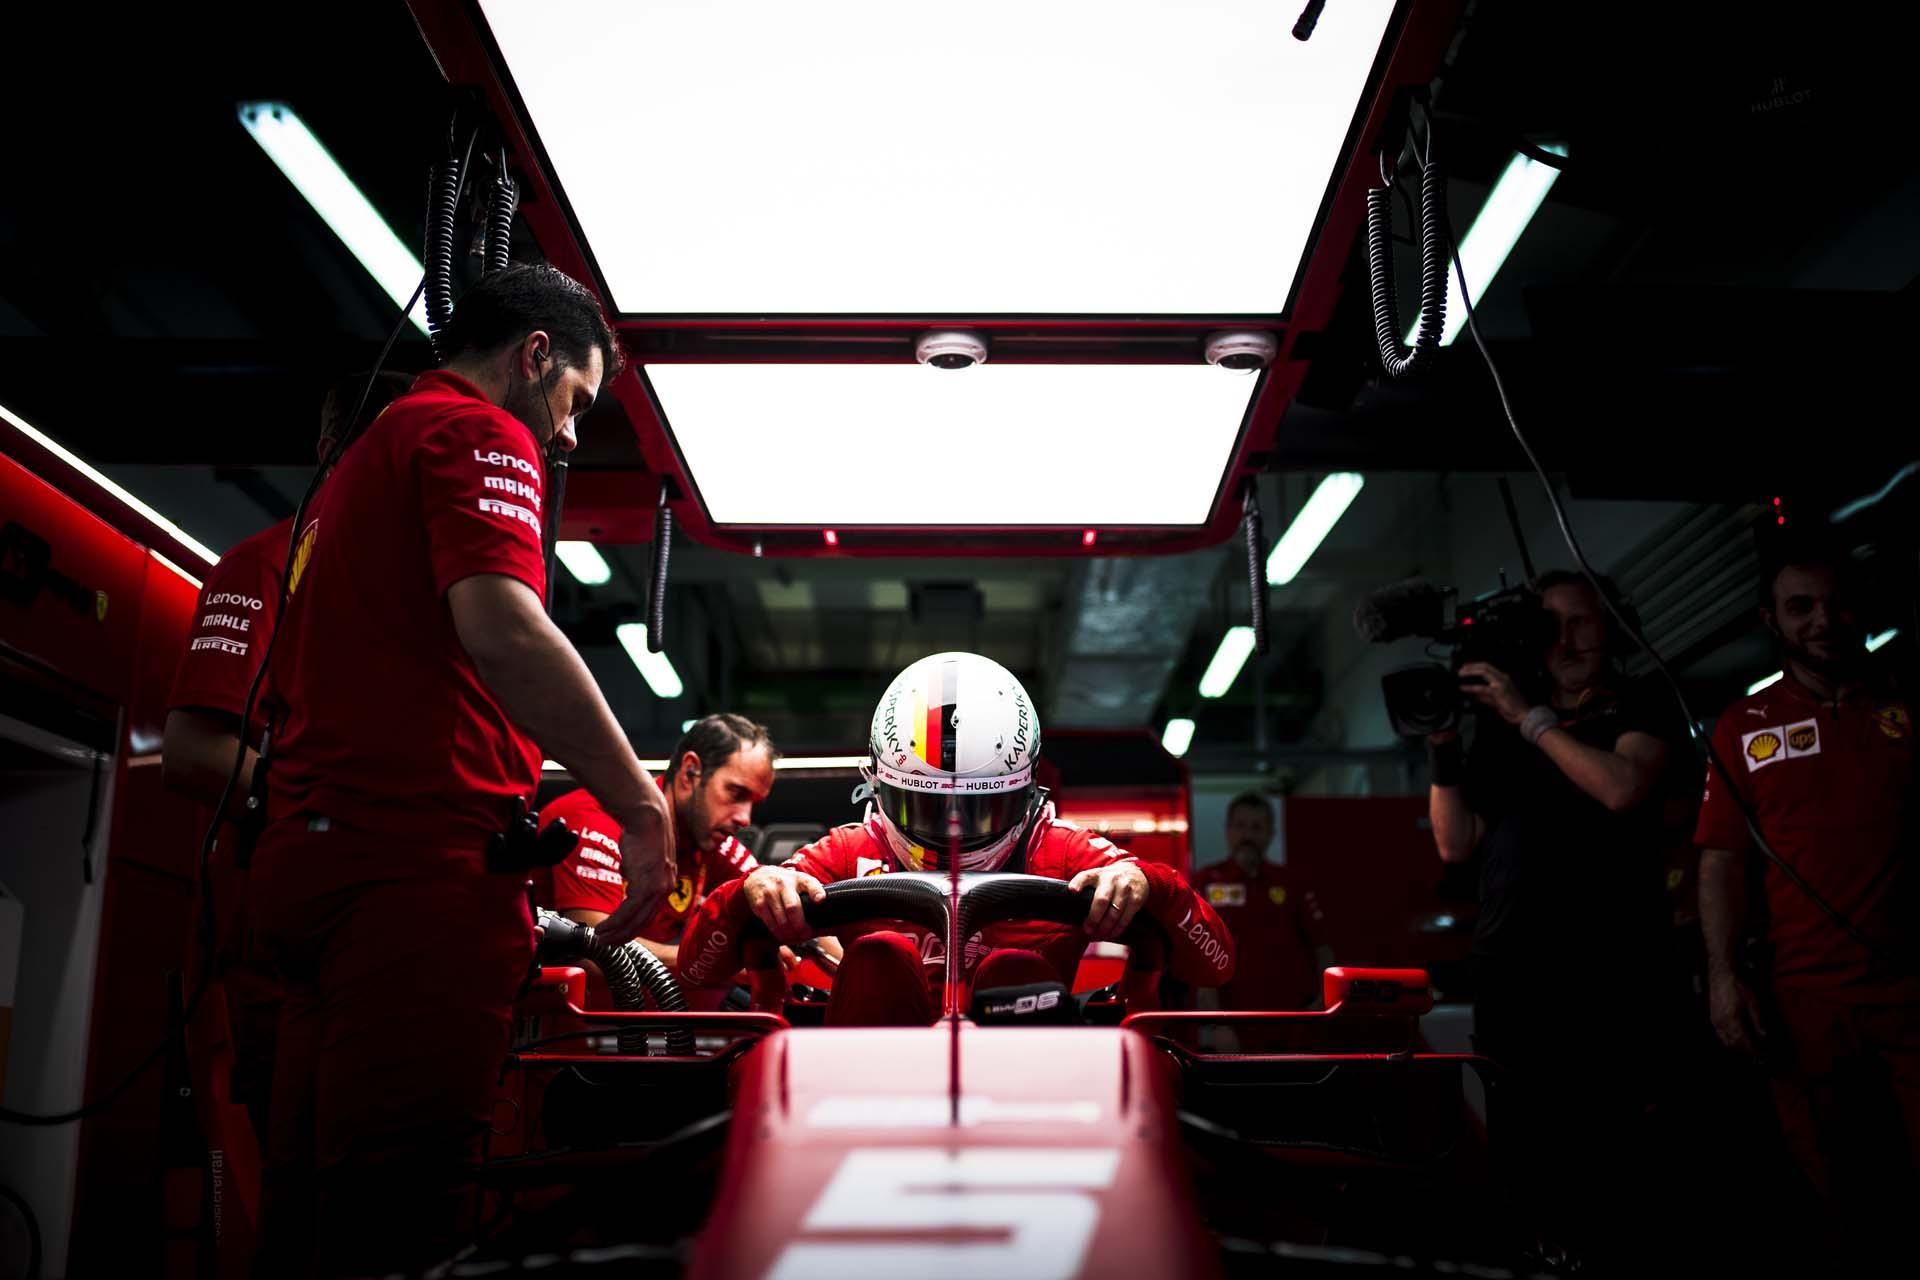 RussianGP2019_FRI_Ferrari_190013_rus